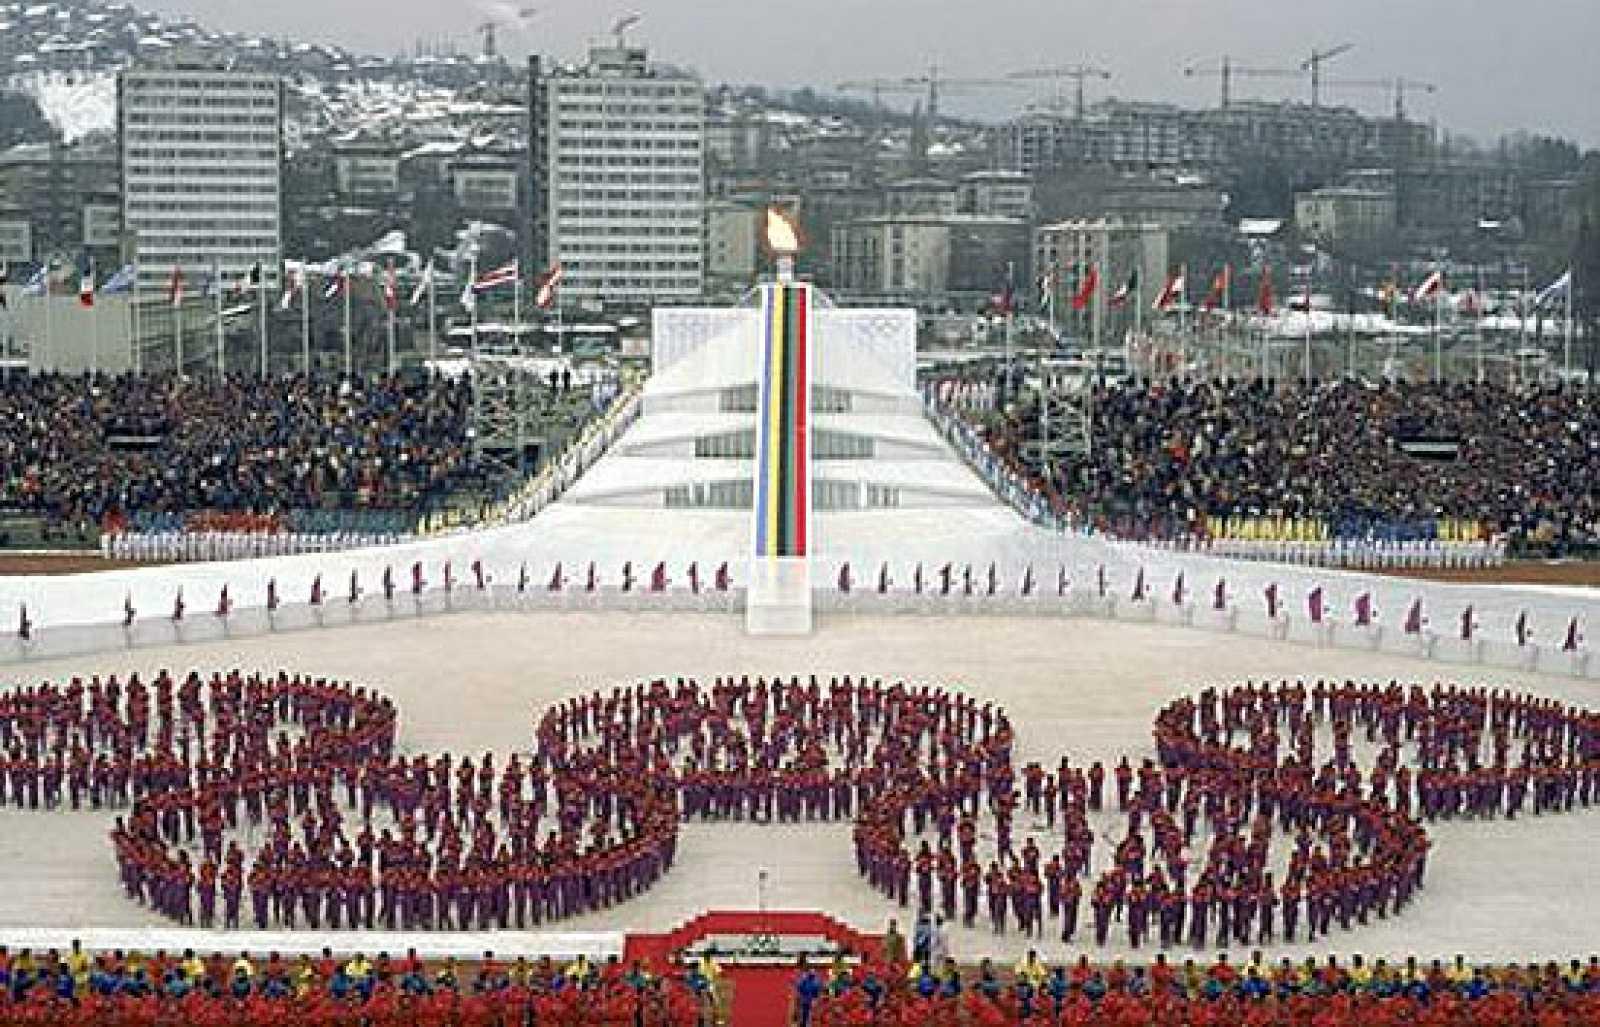 Sarajevo albergó los Juegos Olímpicos de Invierno de 1984. Años después, la ciudad quedaría destruida por la guerra serbobosnia.